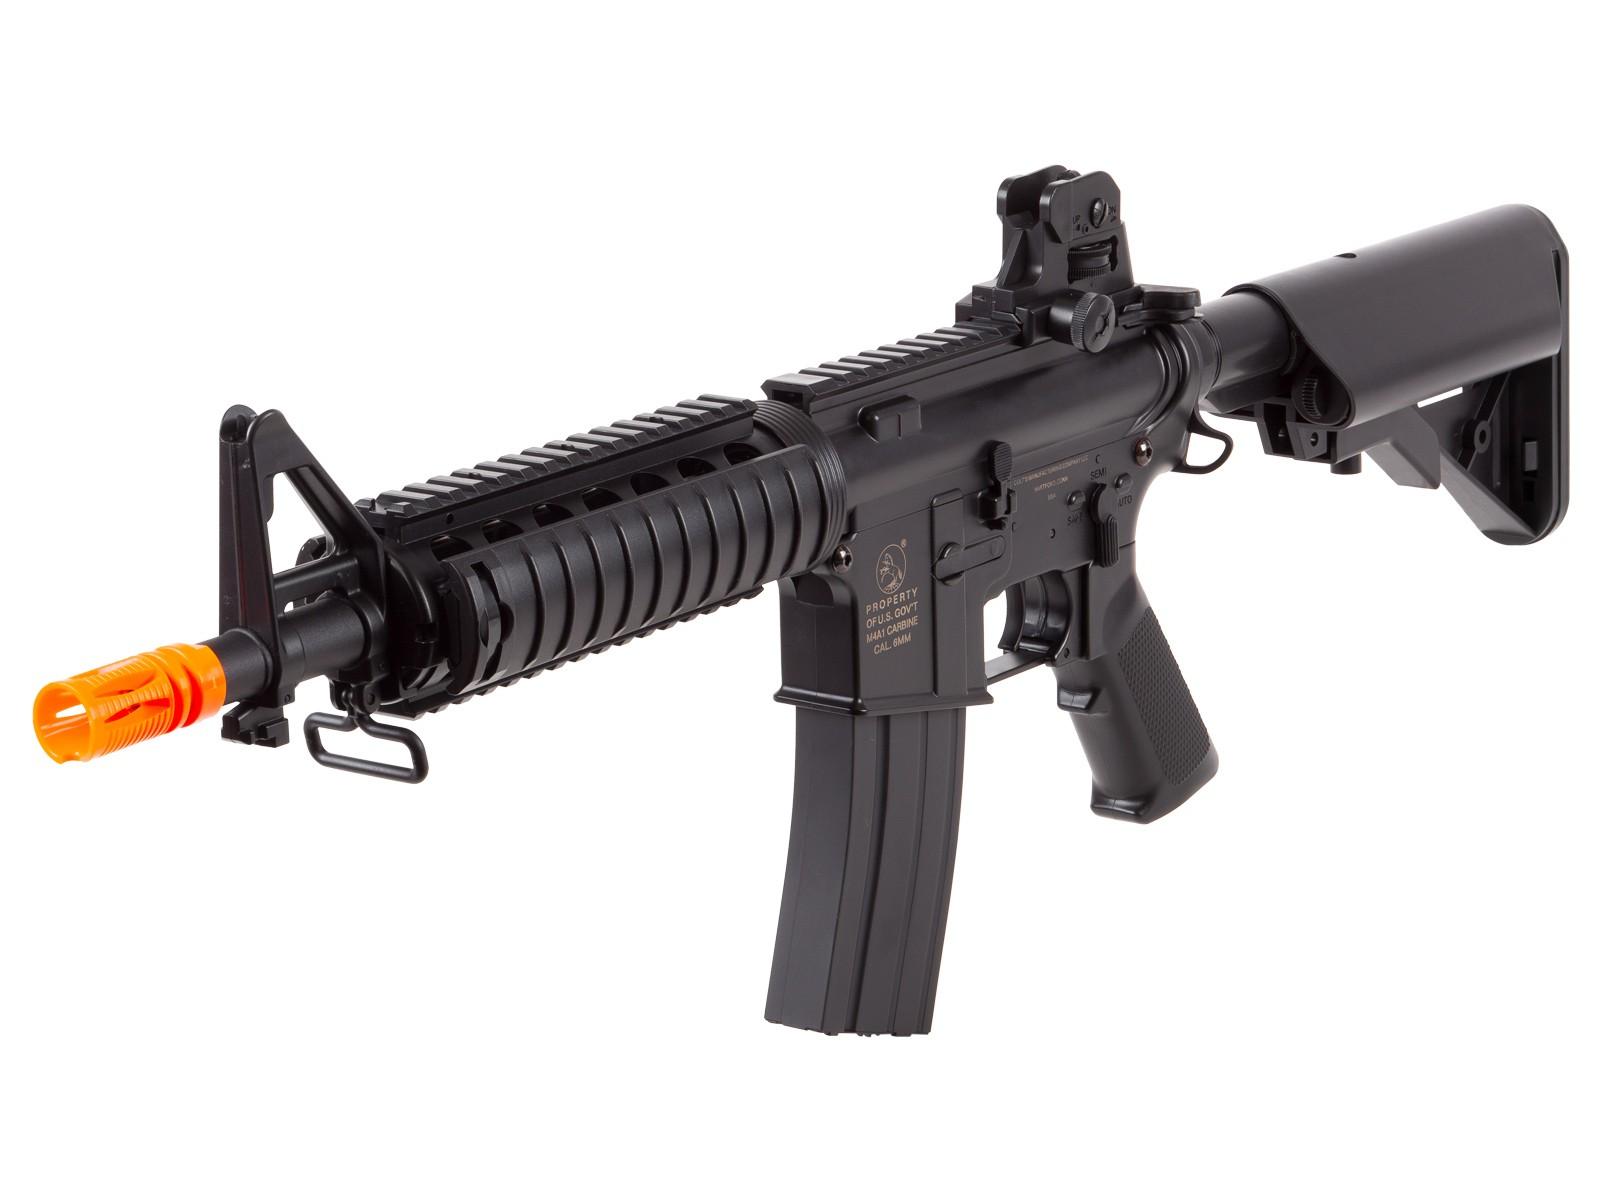 Colt M4 CQB-R Airsoft AEG, Black. Airsoft guns | Pyramyd Air